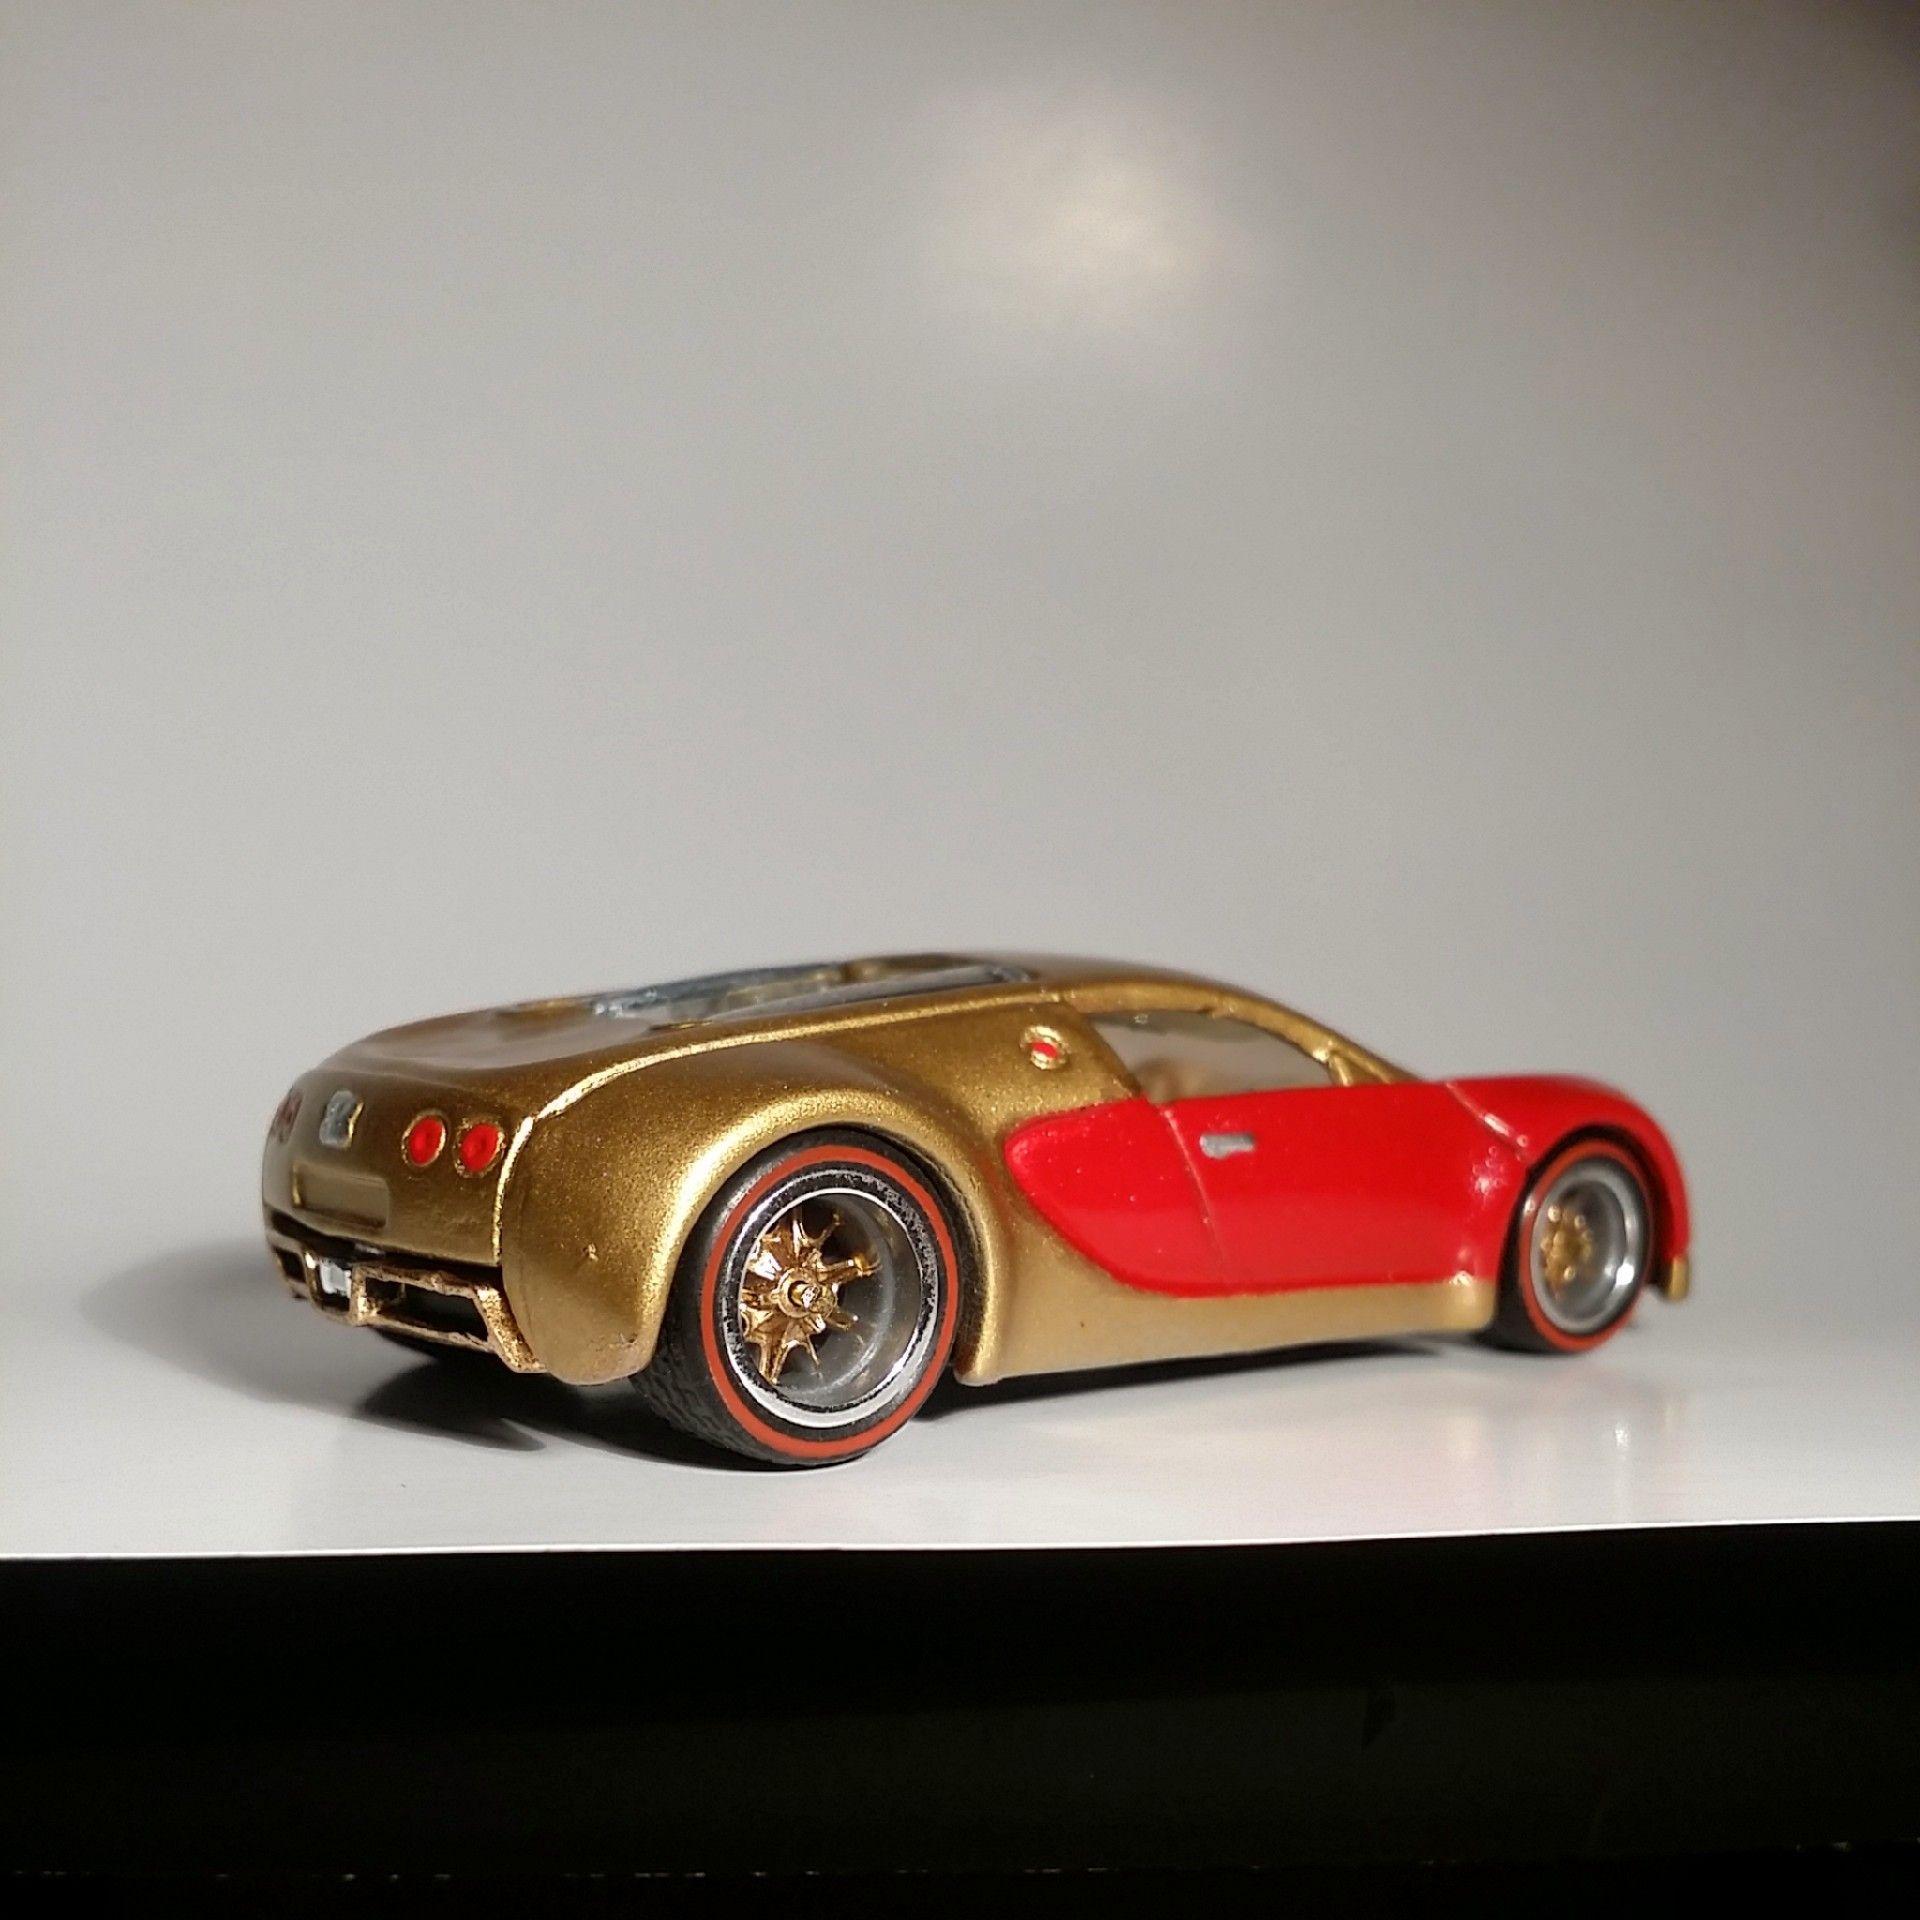 32d1ddb13778f2de98247c70992fb1c1 Elegant Bugatti Veyron toy Car Hot Wheels Cars Trend